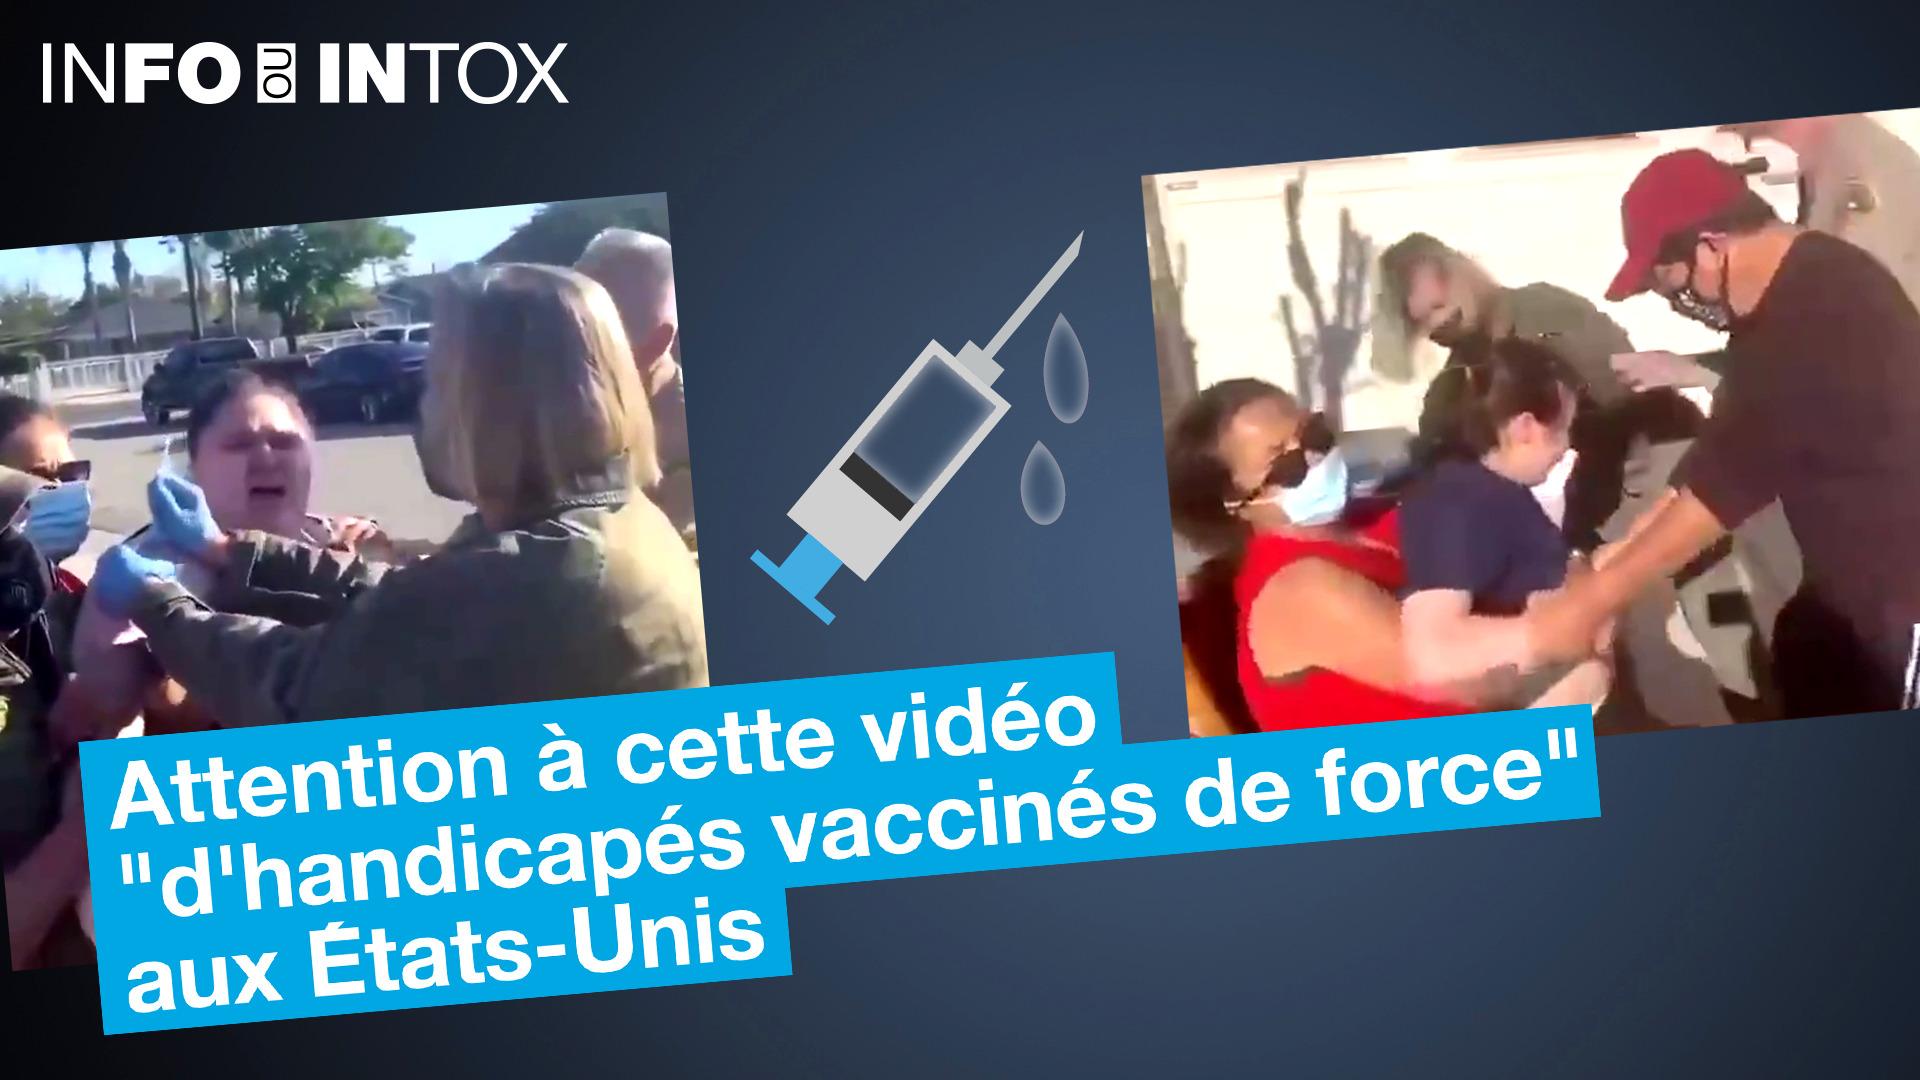 Cette vidéo ne montre pas des handicapés vaccinés contre leur gré aux États-Unis, puisqu'ils ont reçu le vaccin à domicile avec l'accord de leurs tuteurs légaux.